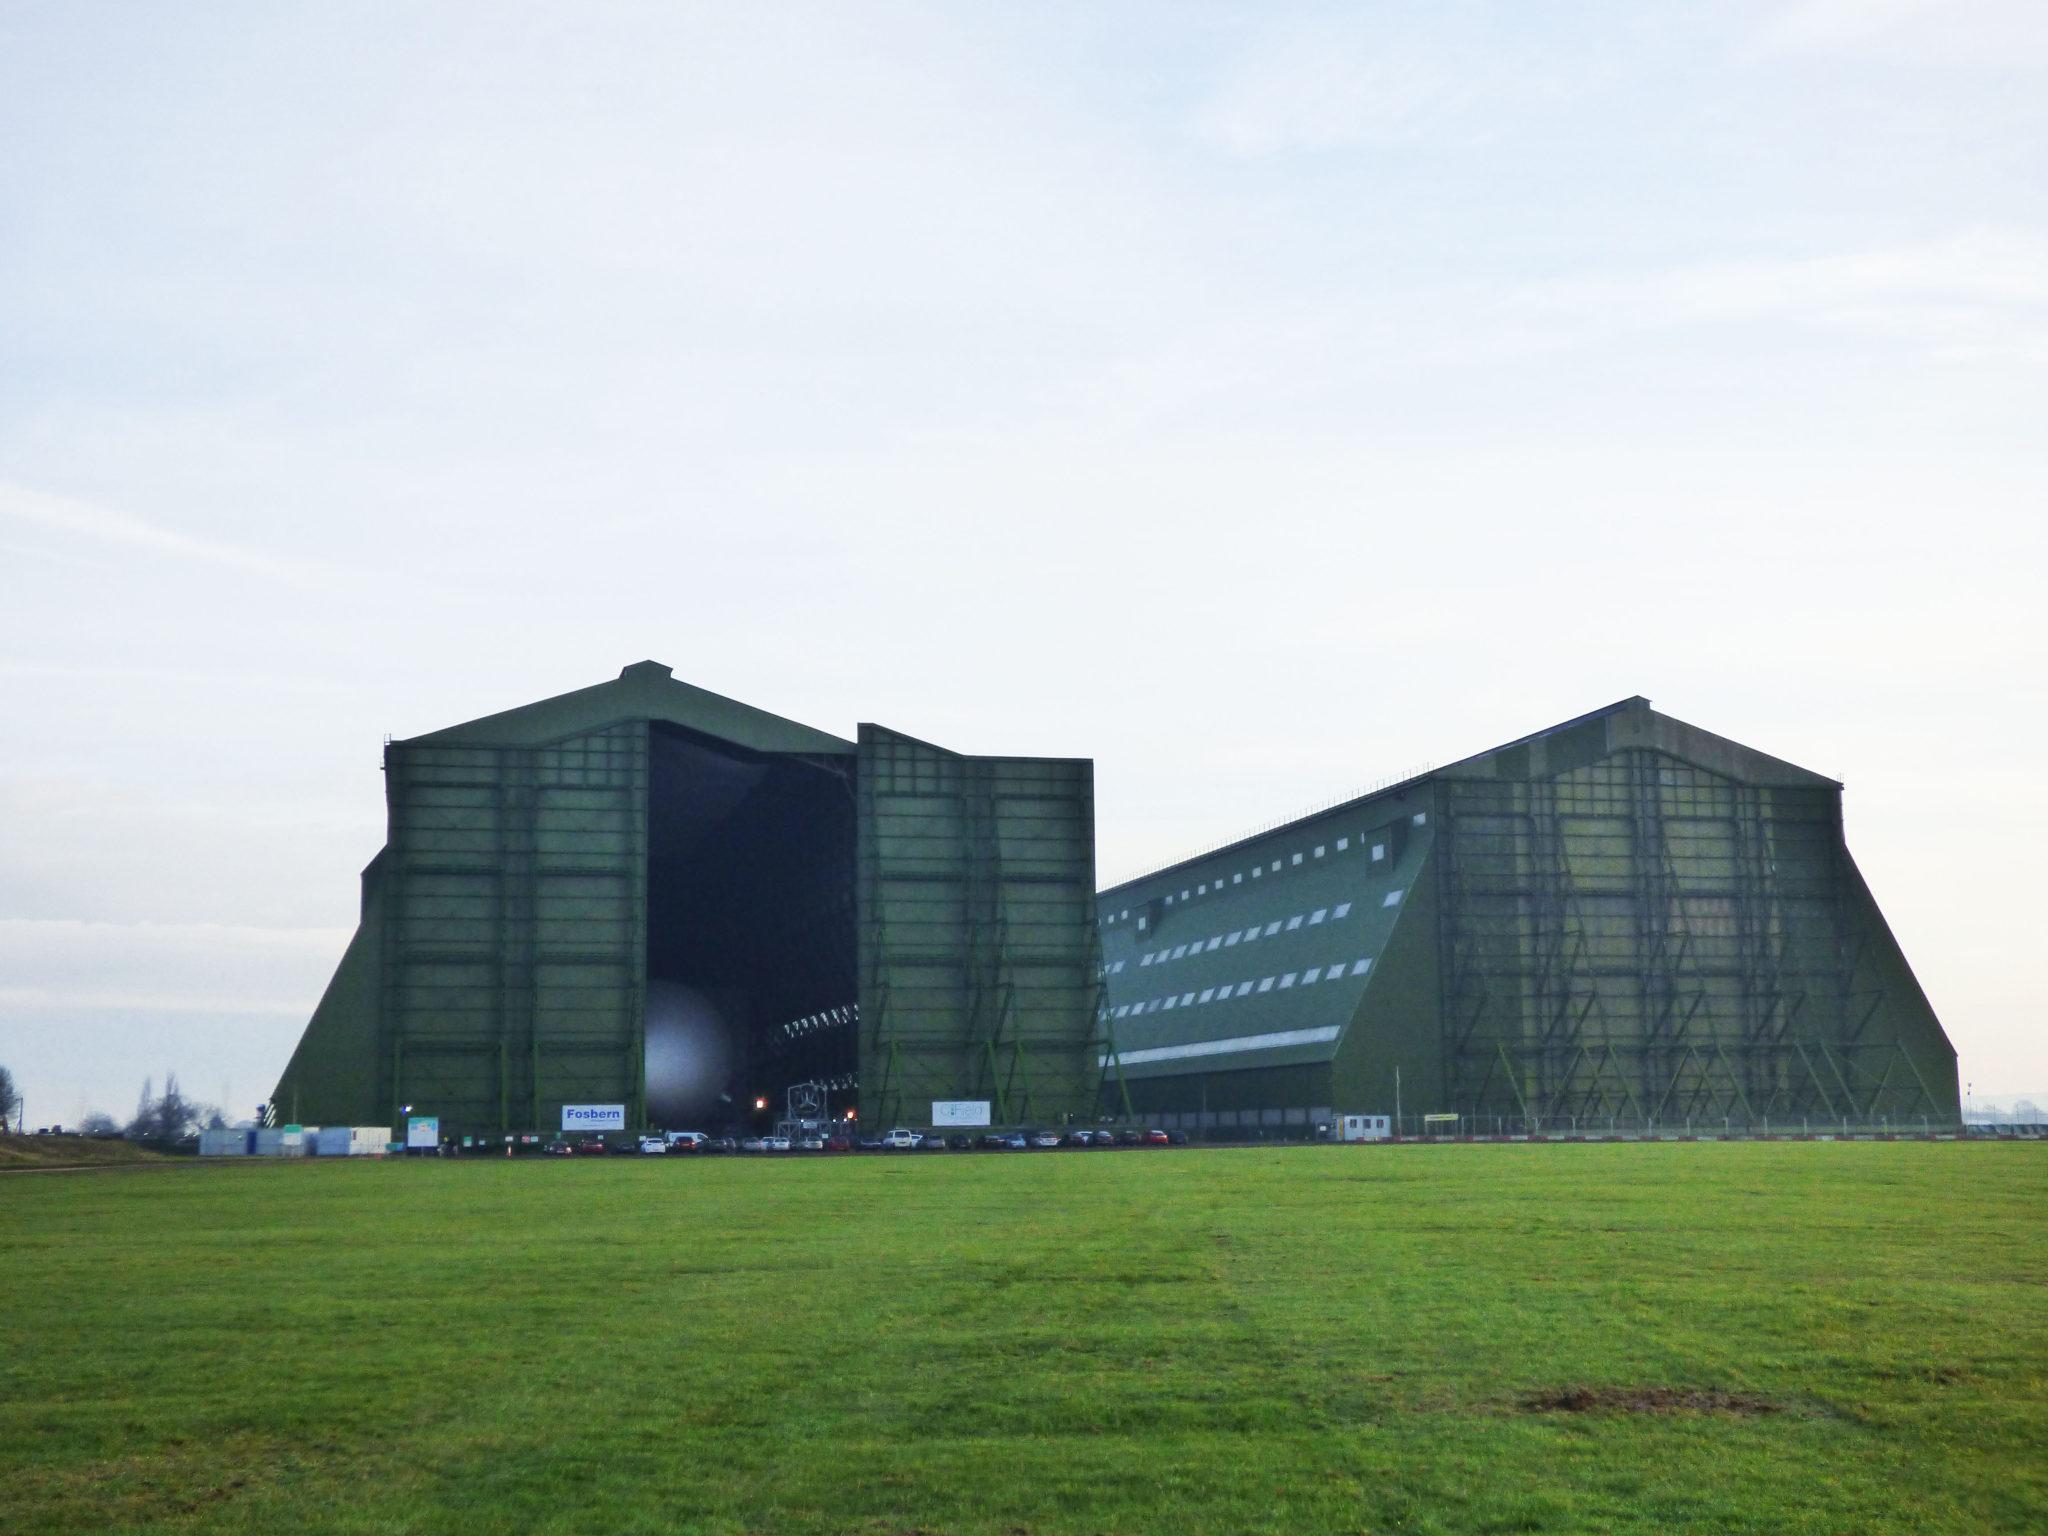 Door open - both hangars